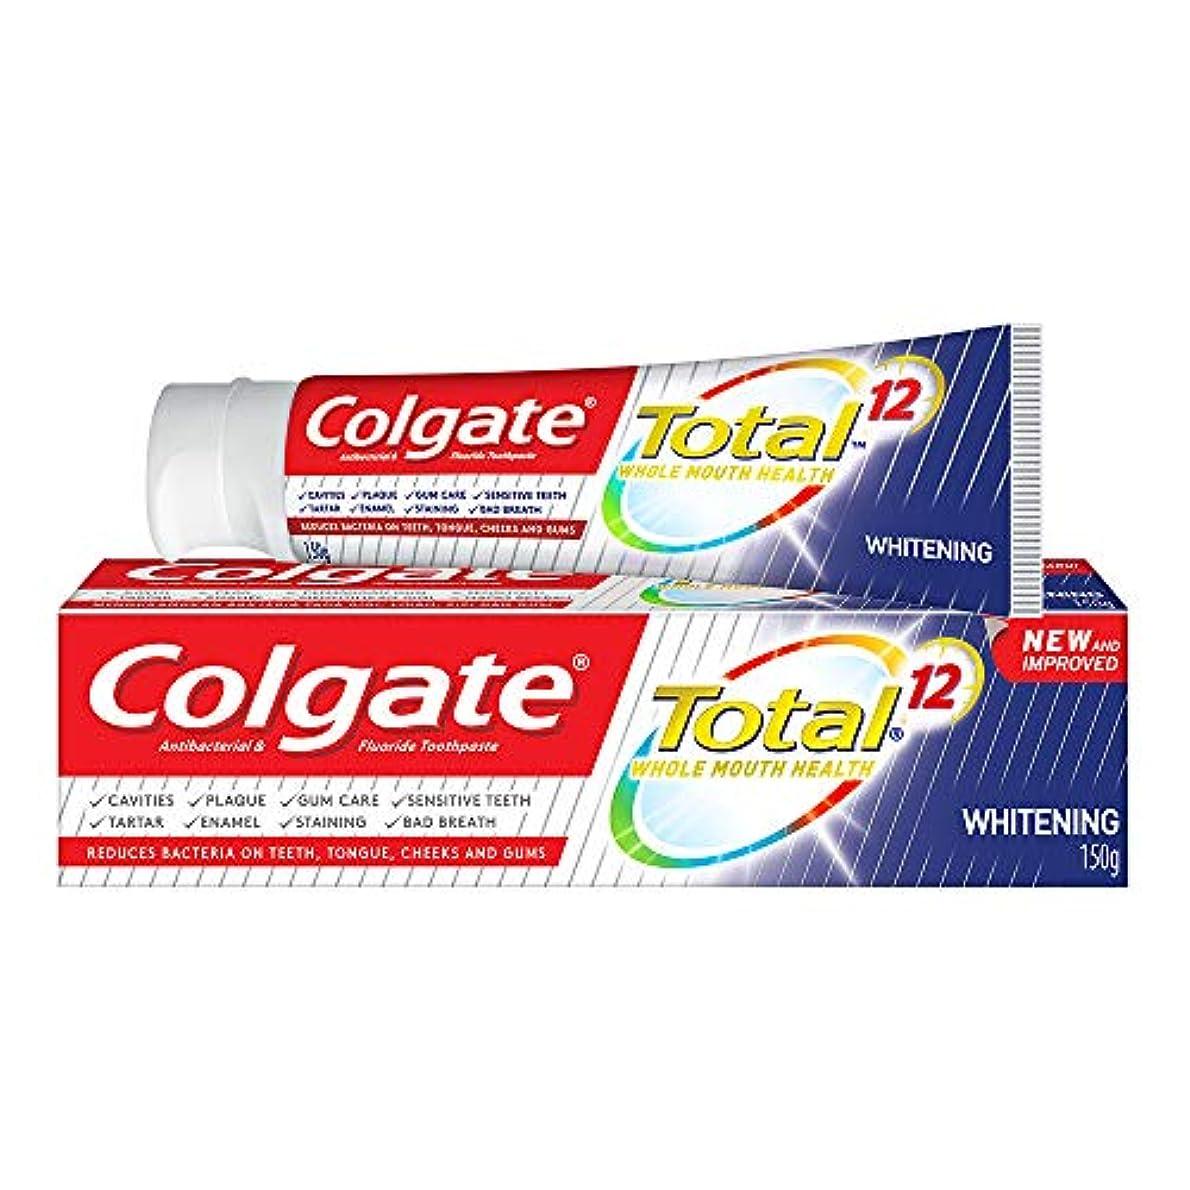 エミュレートする政治家の実り多い(コルゲート)Colgate 歯磨き粉 Total (150g, ホールマウスヘルス)